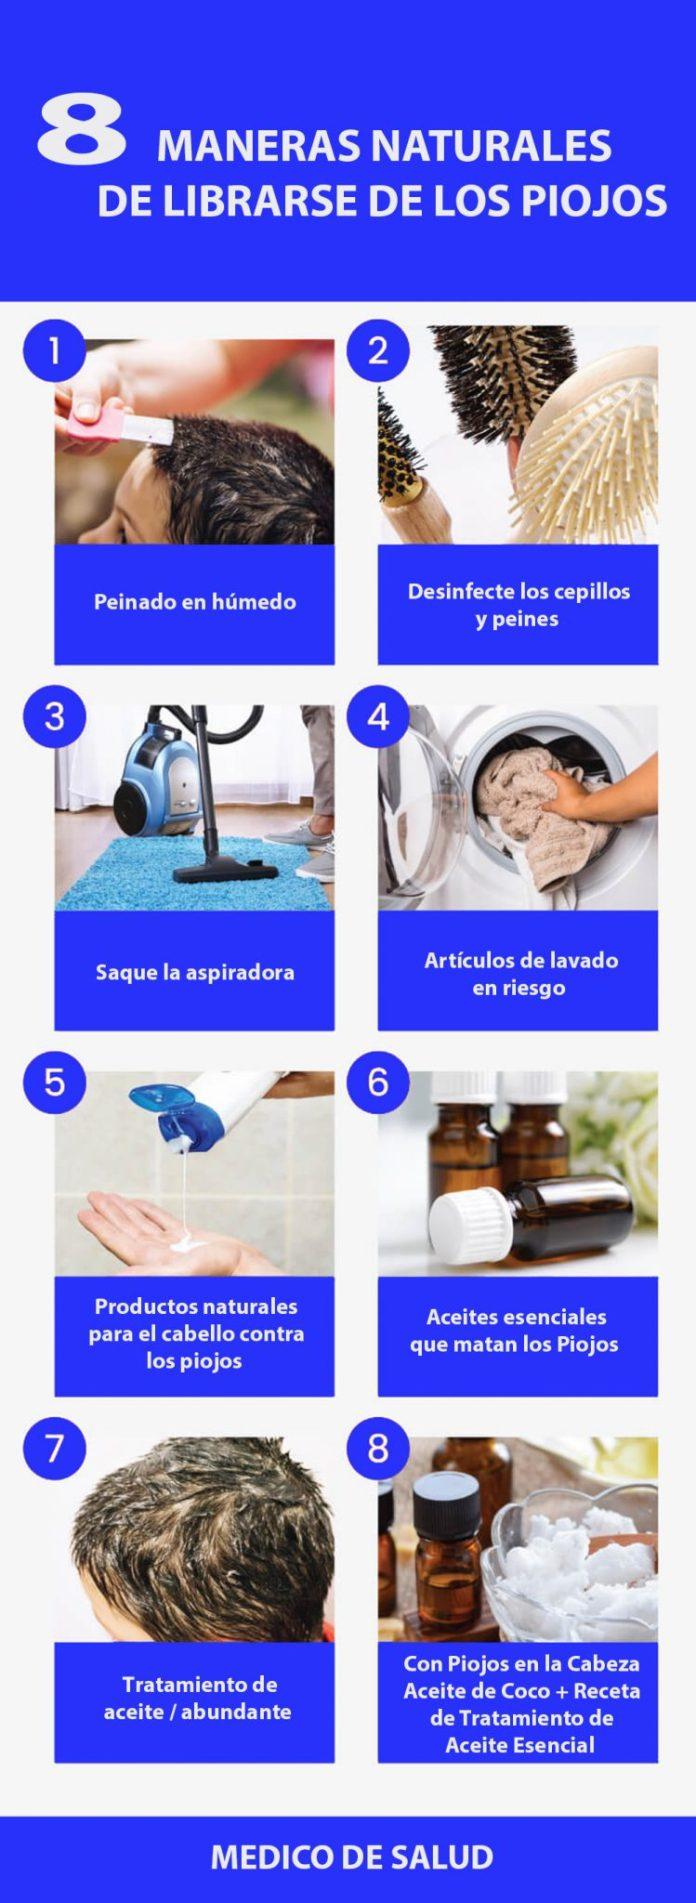 Cómo deshacerse de los piojos: 8 remedios naturales piojos Cómo deshacerse de los piojos: 8 remedios naturales C  mo deshacerse de los piojos 8 remedios naturales 2